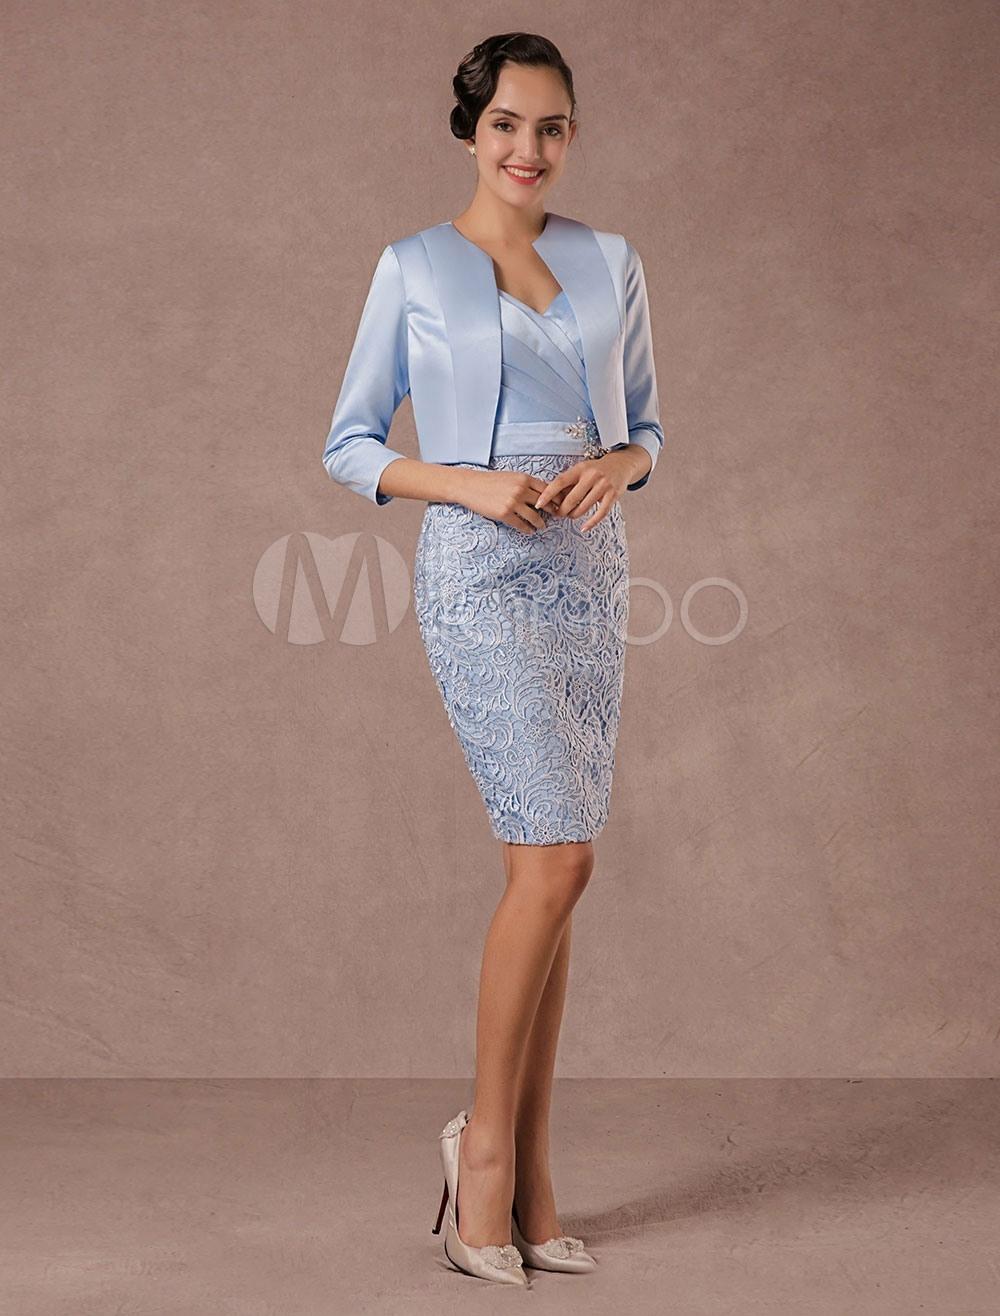 10 Einfach Schöne Kleider Für Besondere Anlässe Stylish17 Leicht Schöne Kleider Für Besondere Anlässe Spezialgebiet